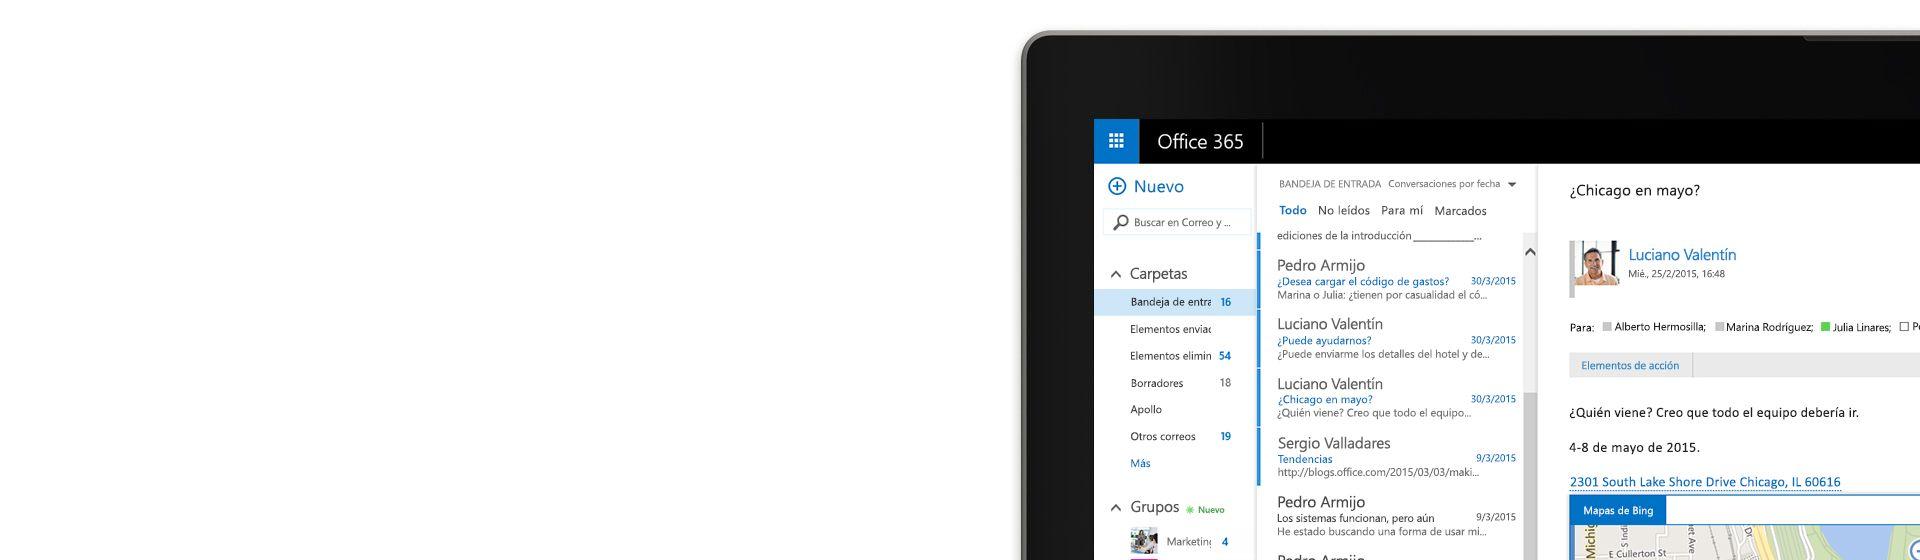 Esquina de la pantalla de un equipo donde se muestra una bandeja de entrada de correo electrónico en Office 365